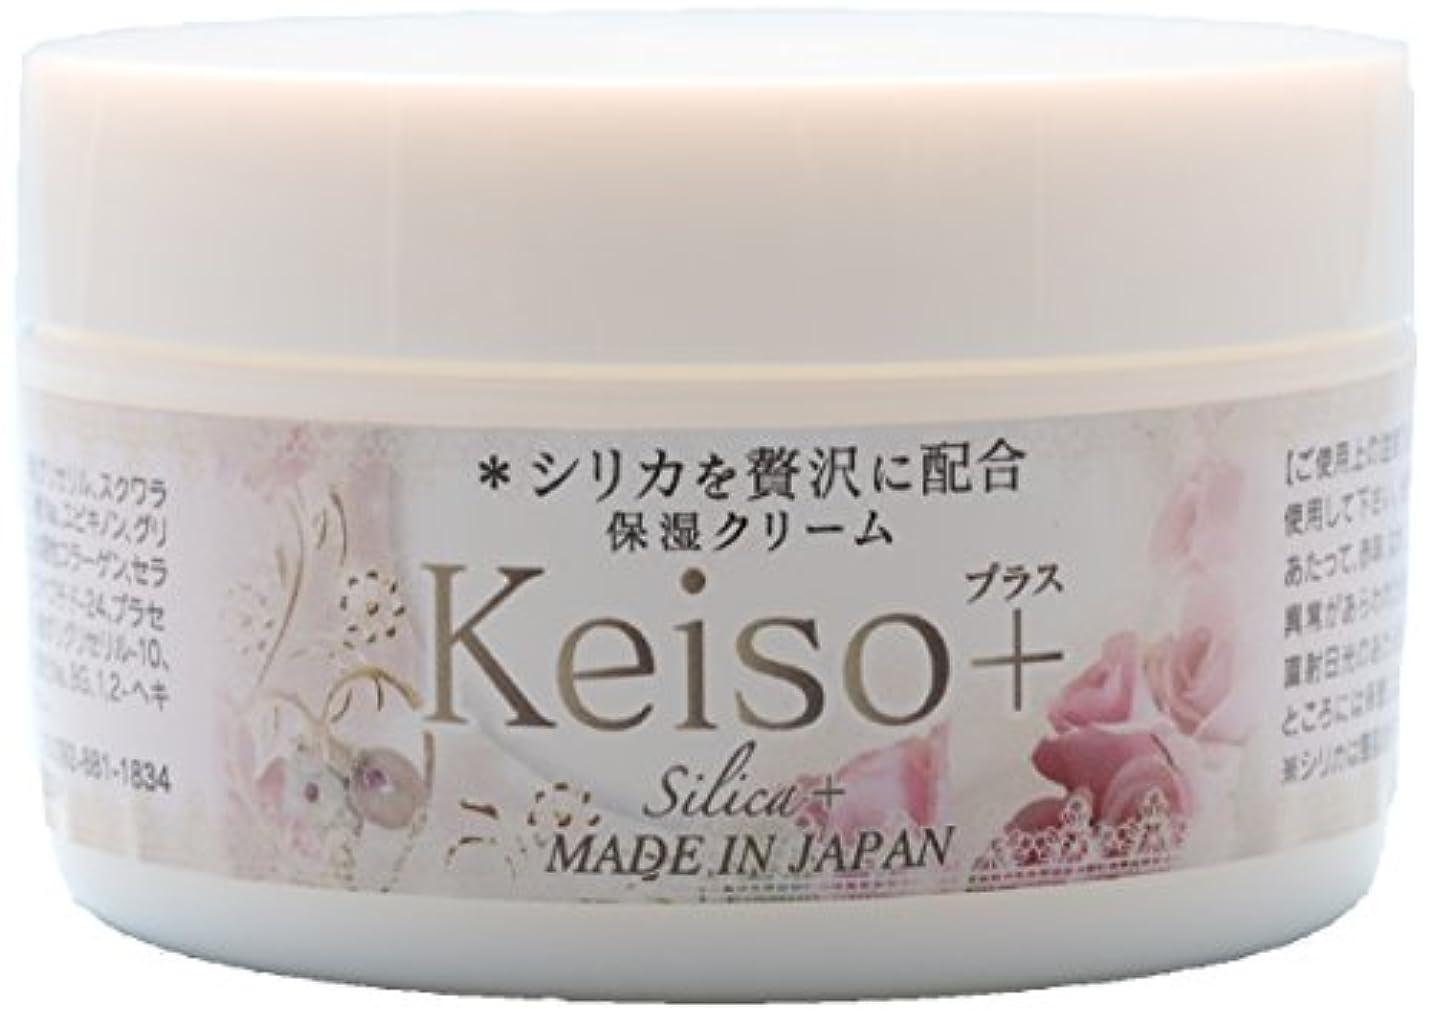 ハンディパス自己Keiso+ 高濃度シリカ(ケイ素) 保湿クリーム 100g Silica Cream